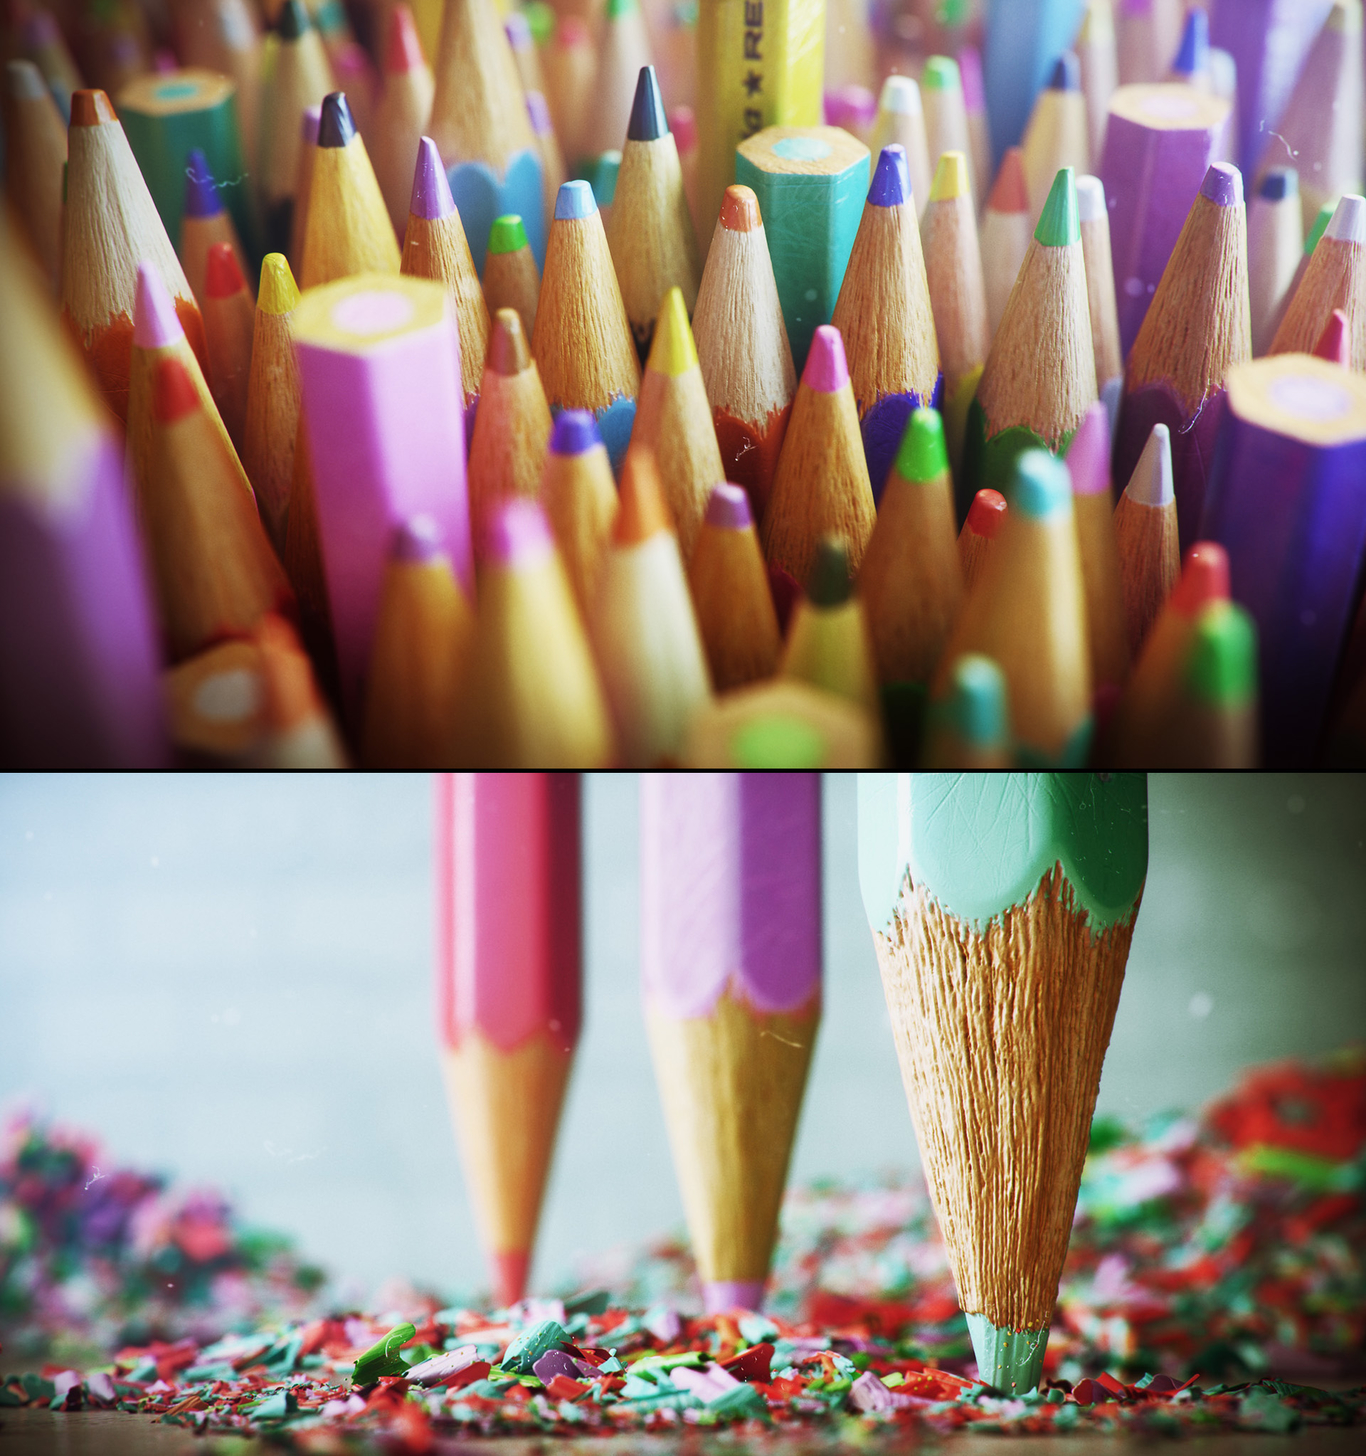 Marwans pencils 1 a0ae8a7d yqvq